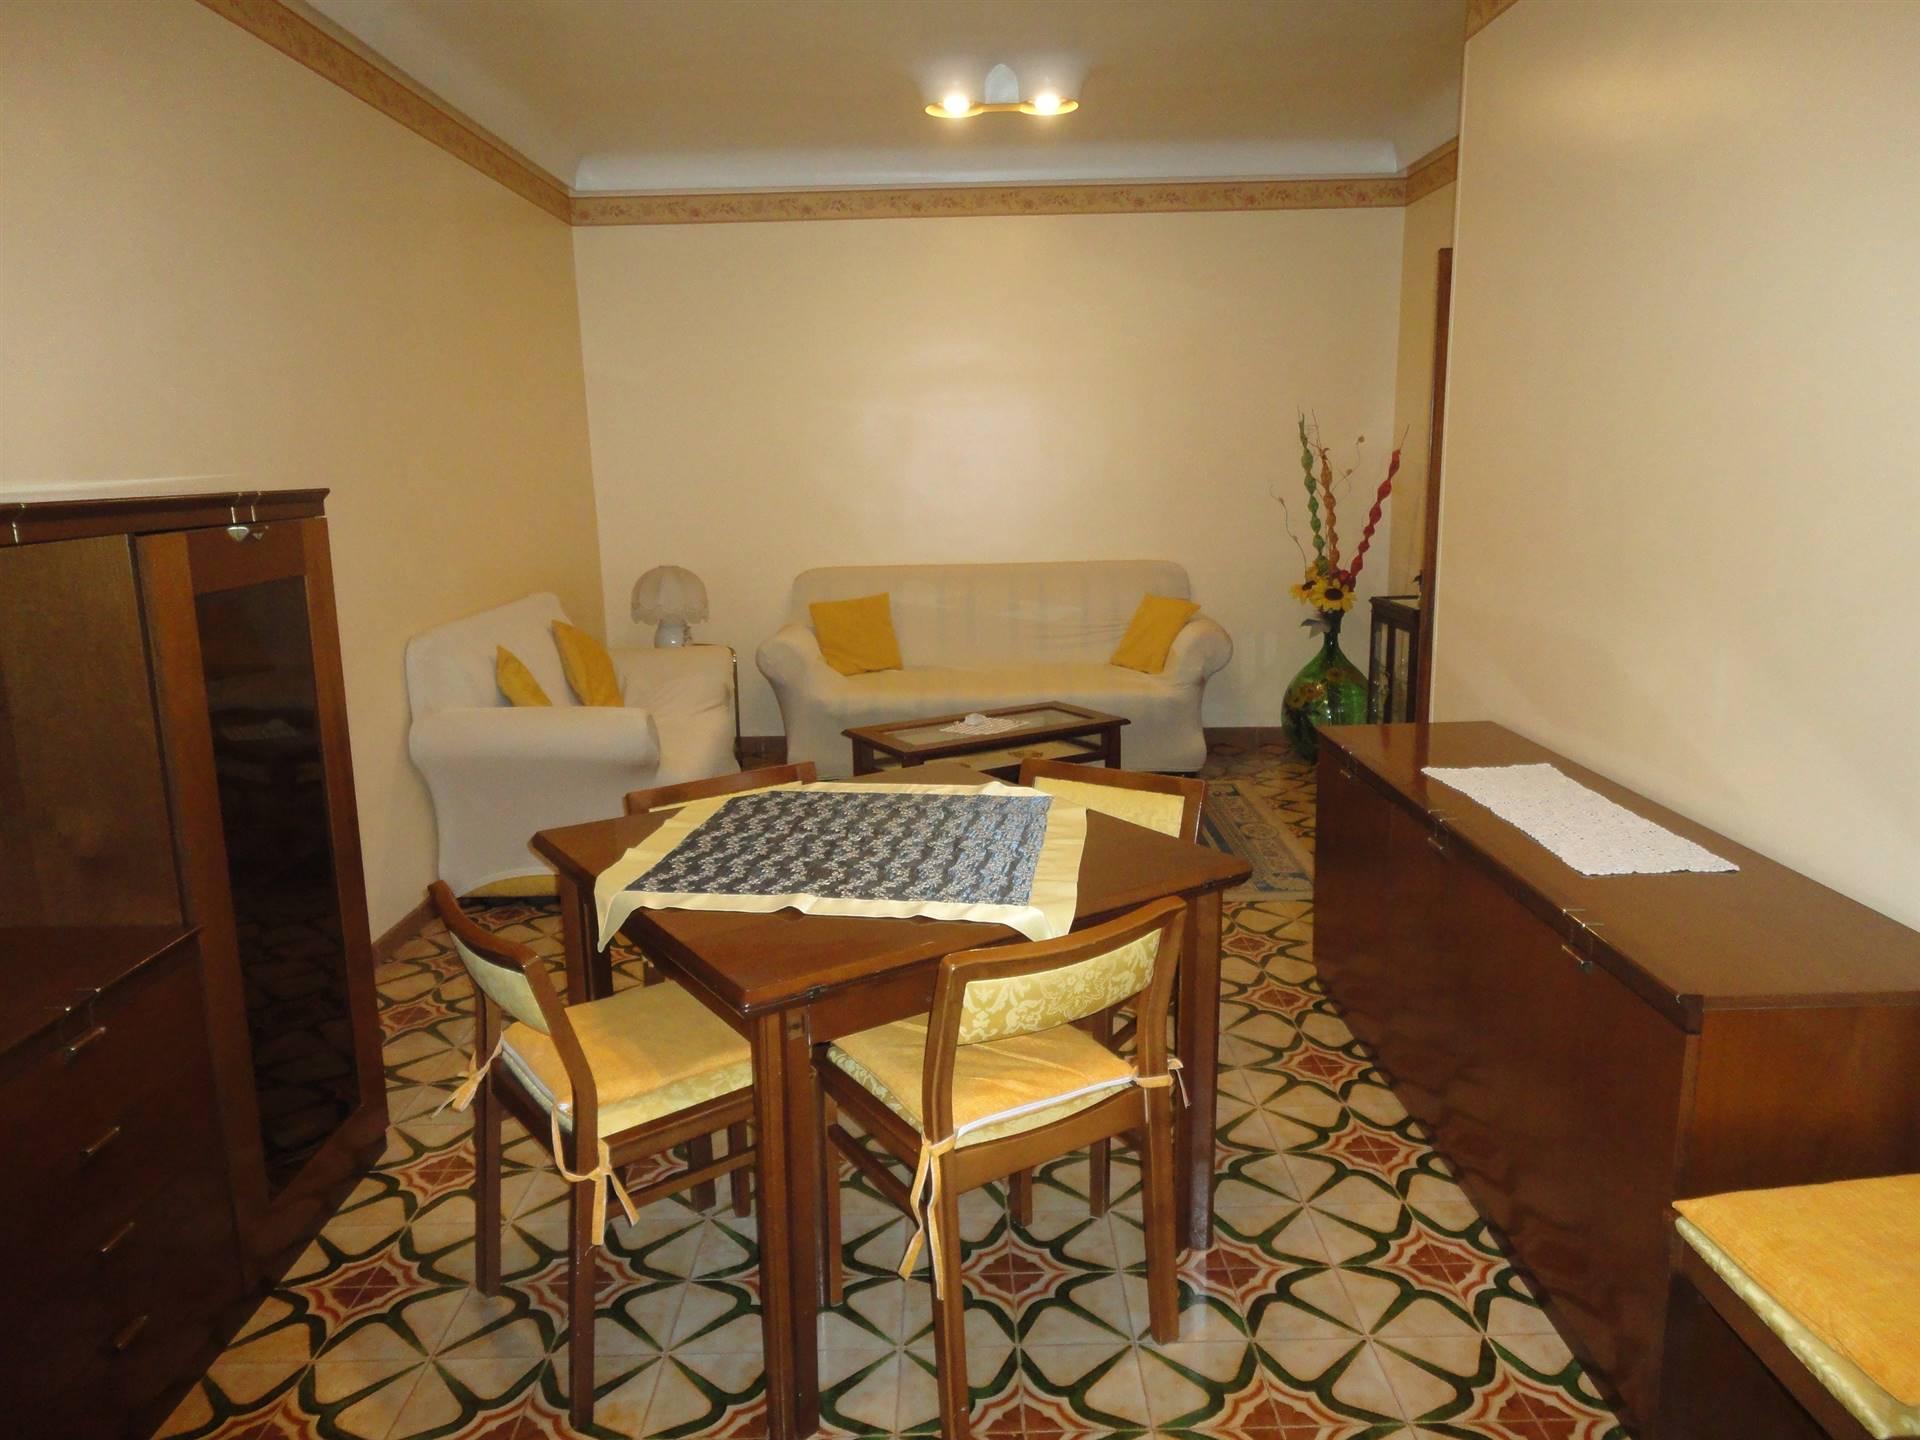 Soluzione Indipendente in affitto a Ragusa, 4 locali, zona Località: CENTRO STORICO ALTO, prezzo € 400 | CambioCasa.it